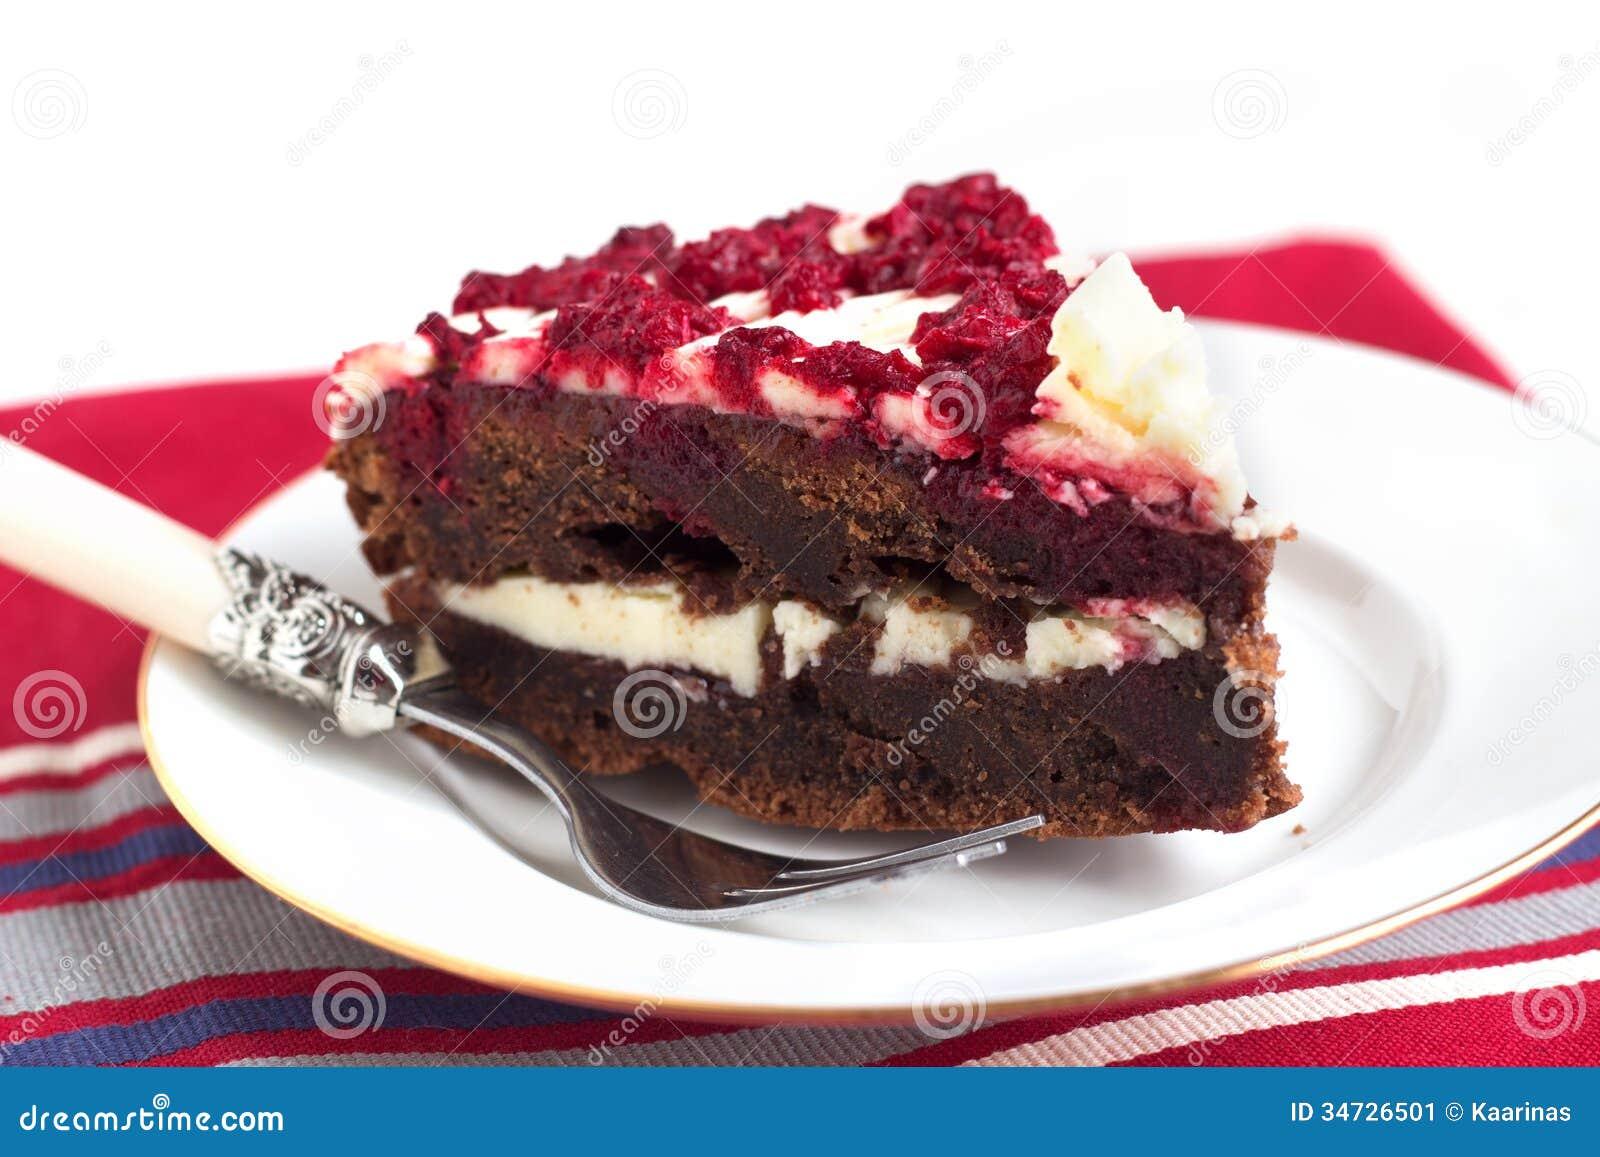 Chocolate Raspberry Layered Cake